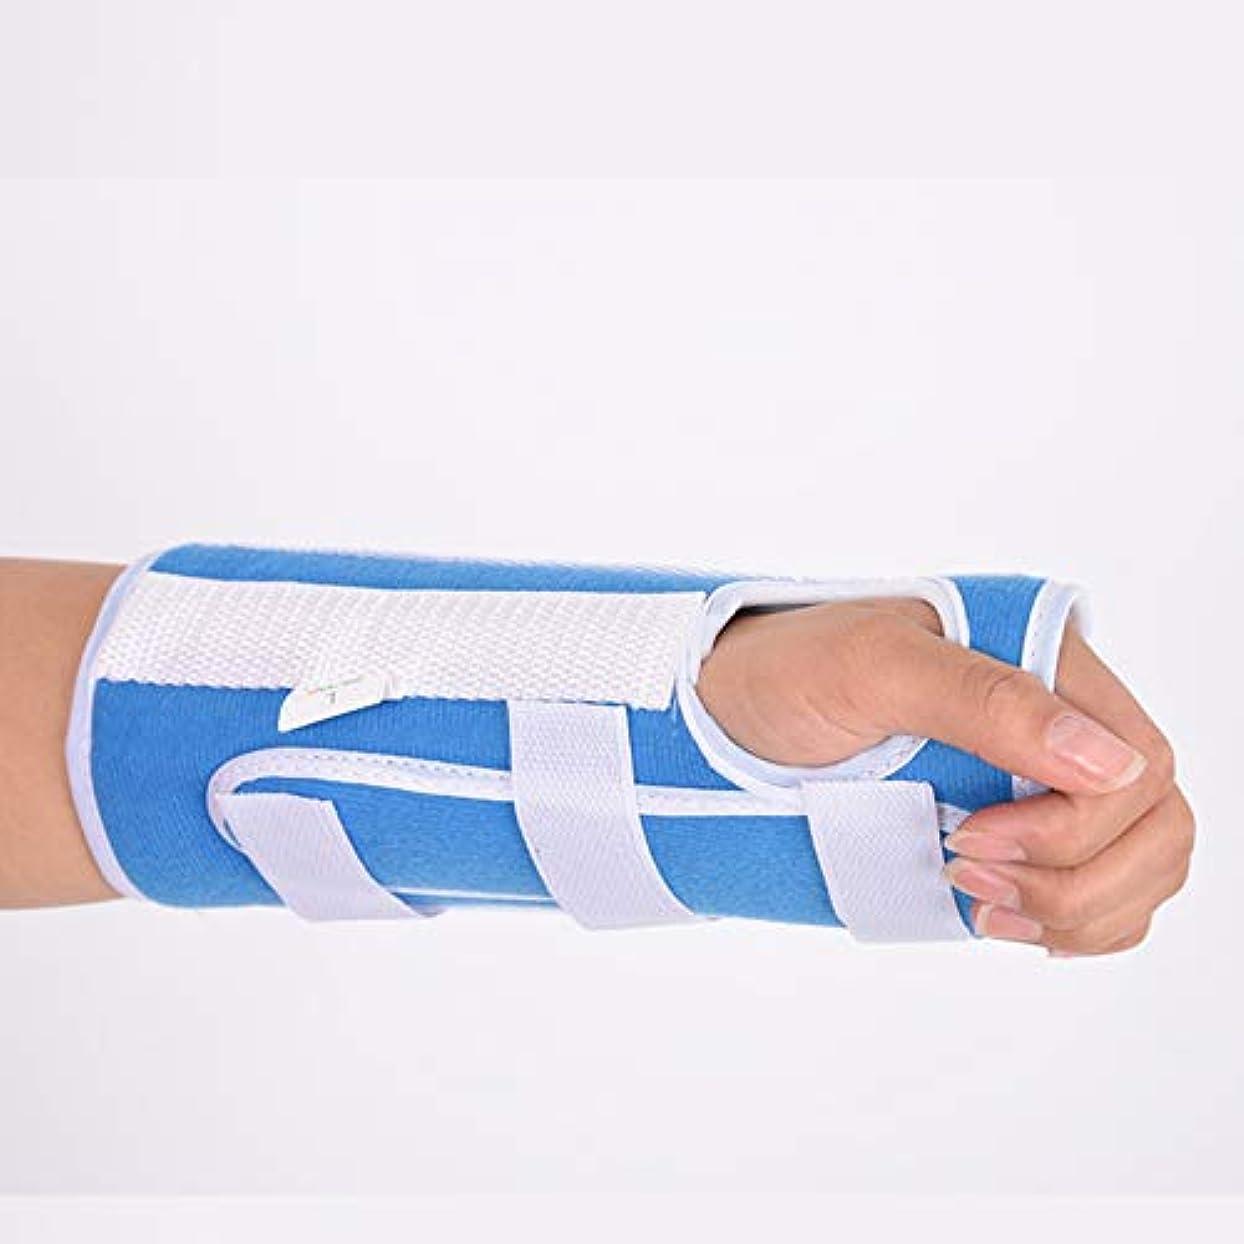 ハイランド操作可能作物手根管用手首装具、関節炎および腱炎用の快適で調整可能な手首支持装具、左手と右手の両方に適合,S